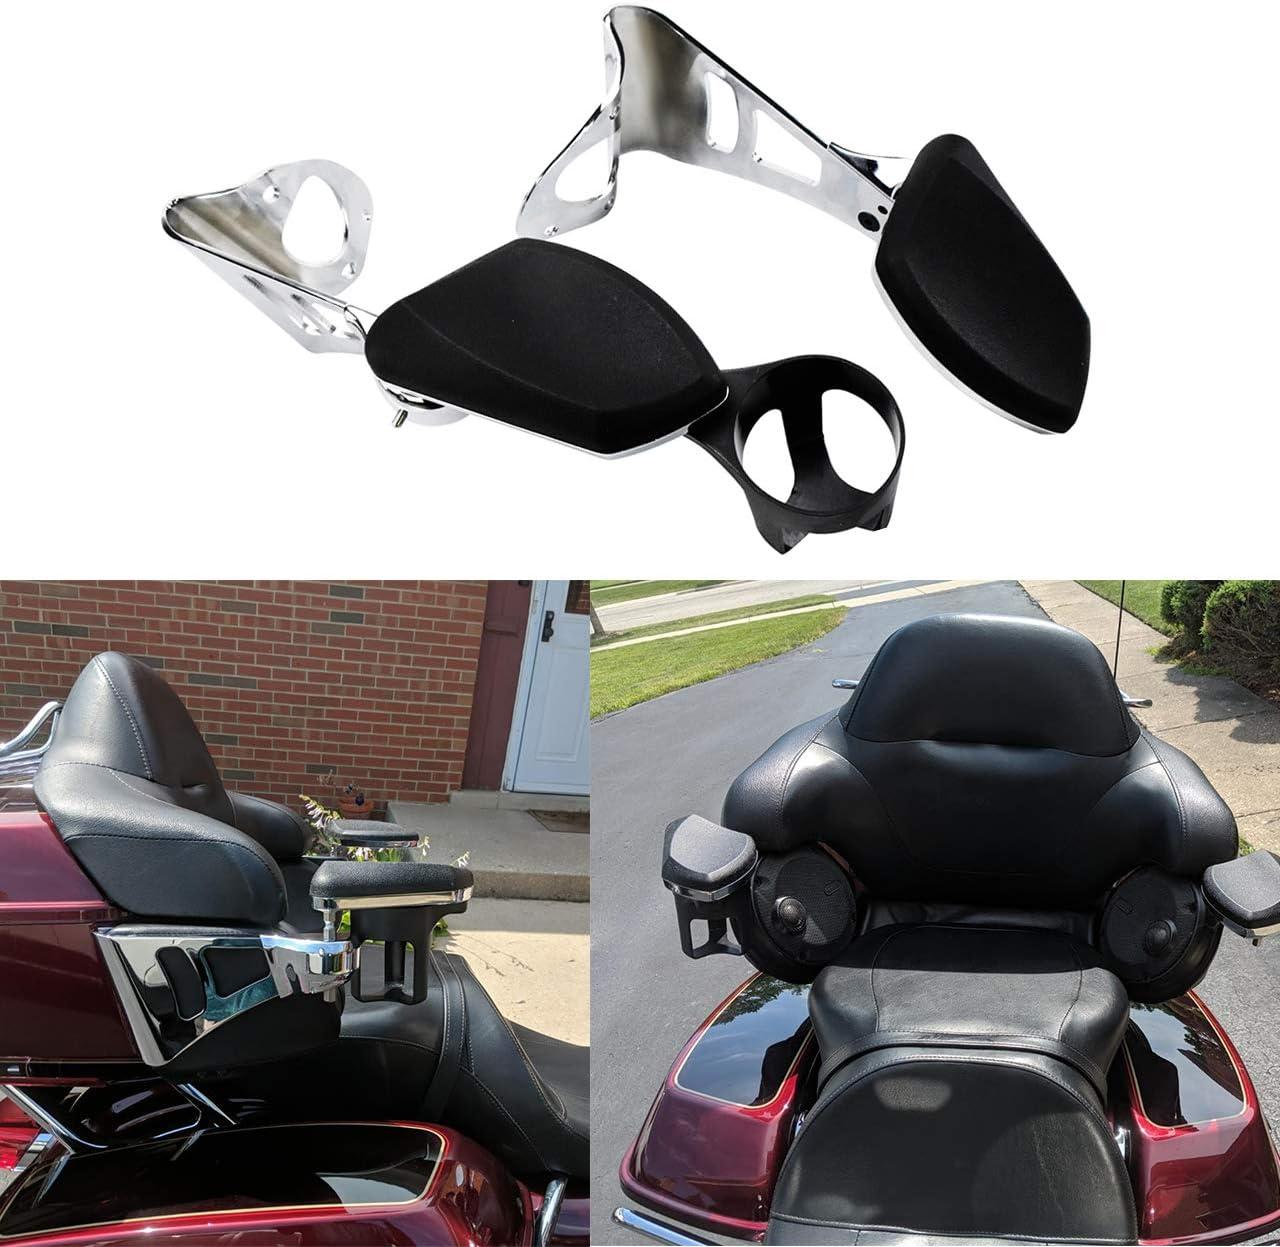 YHMTIVTU Passenger Armrests Motorcycle Adjustable Rear Armrest with Drink Holder Fit for Harley Touring and Tri Glide 2014-2019